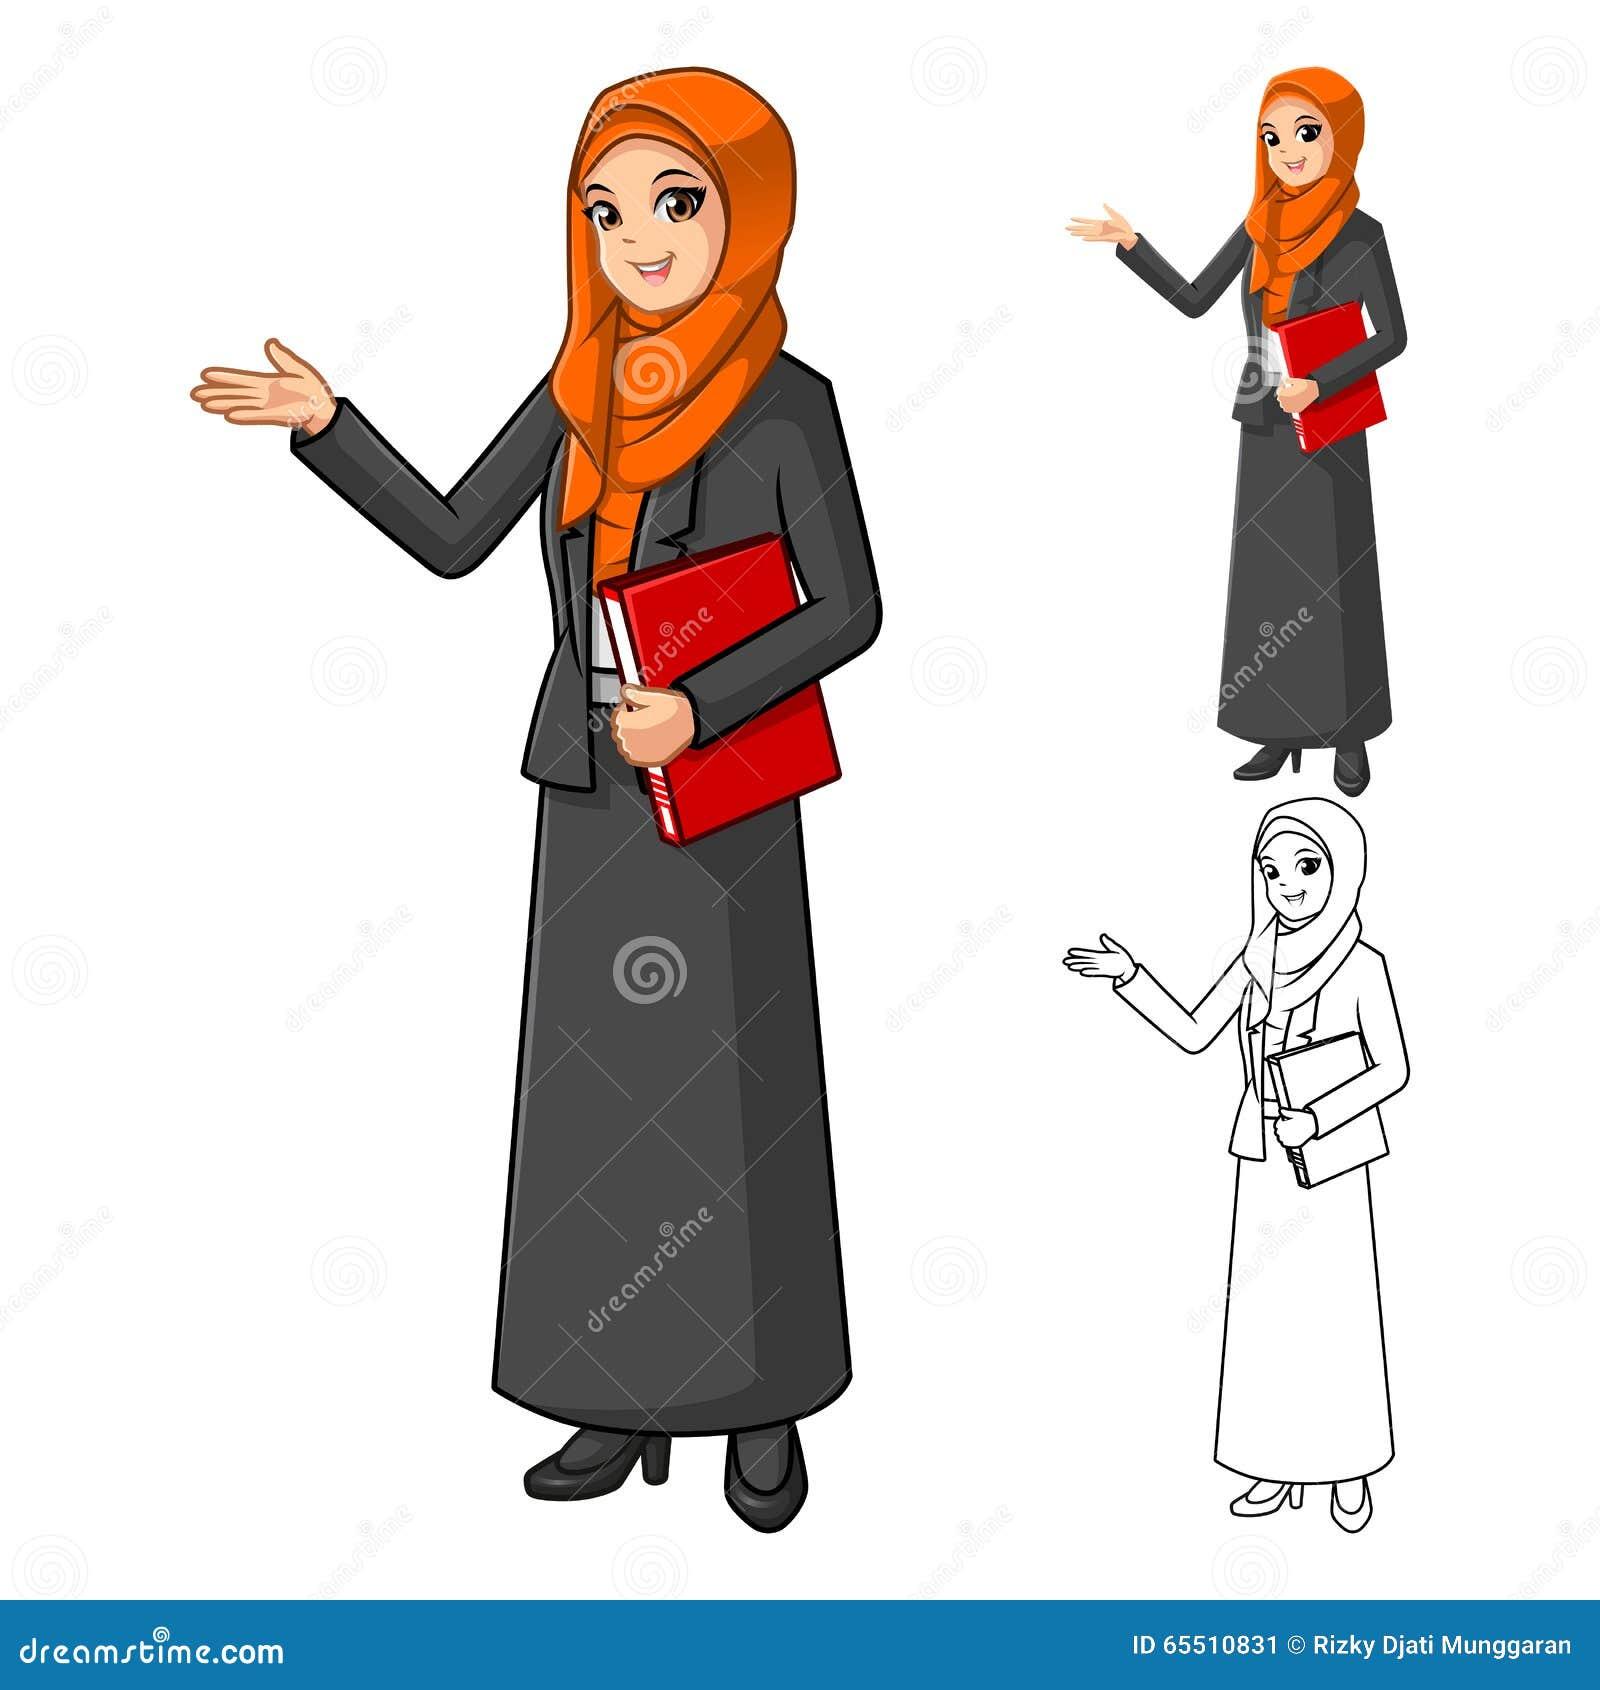 Moslemische Geschäftsfrau Wearing Orange Veil oder Schal mit den freundlichen Händen